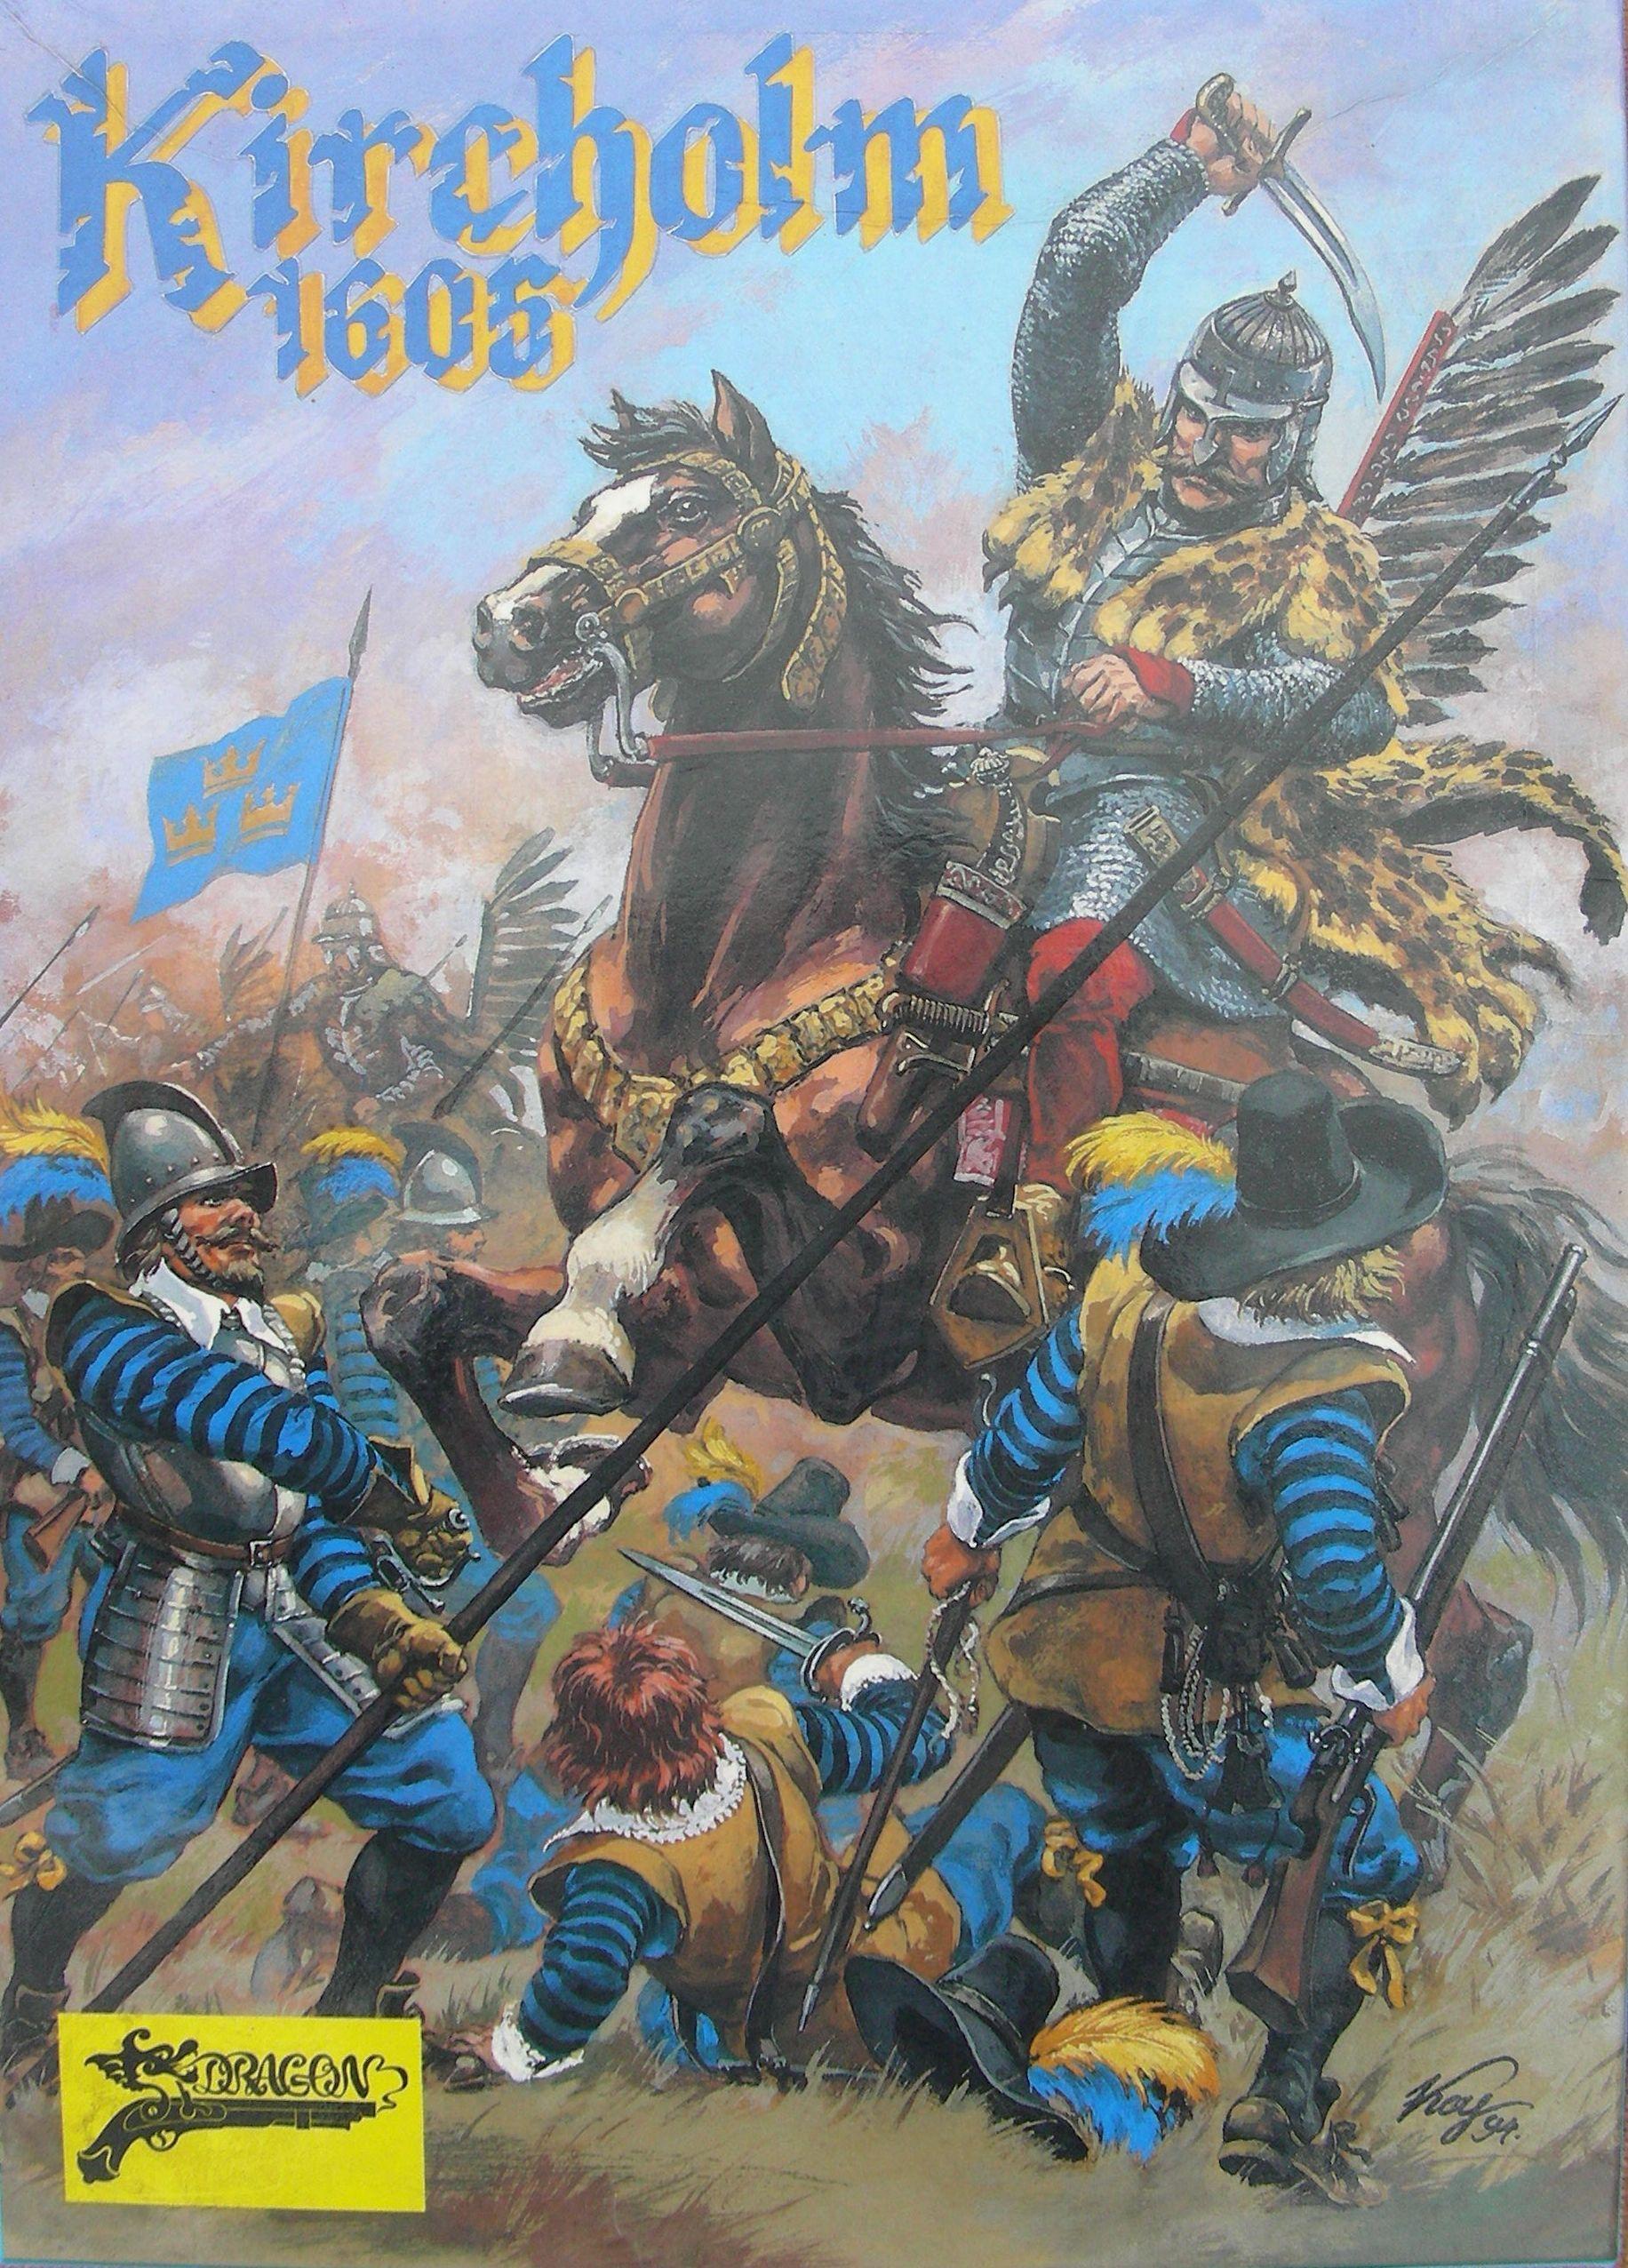 настольная игра Kircholm 1605 Кирхольм 1605